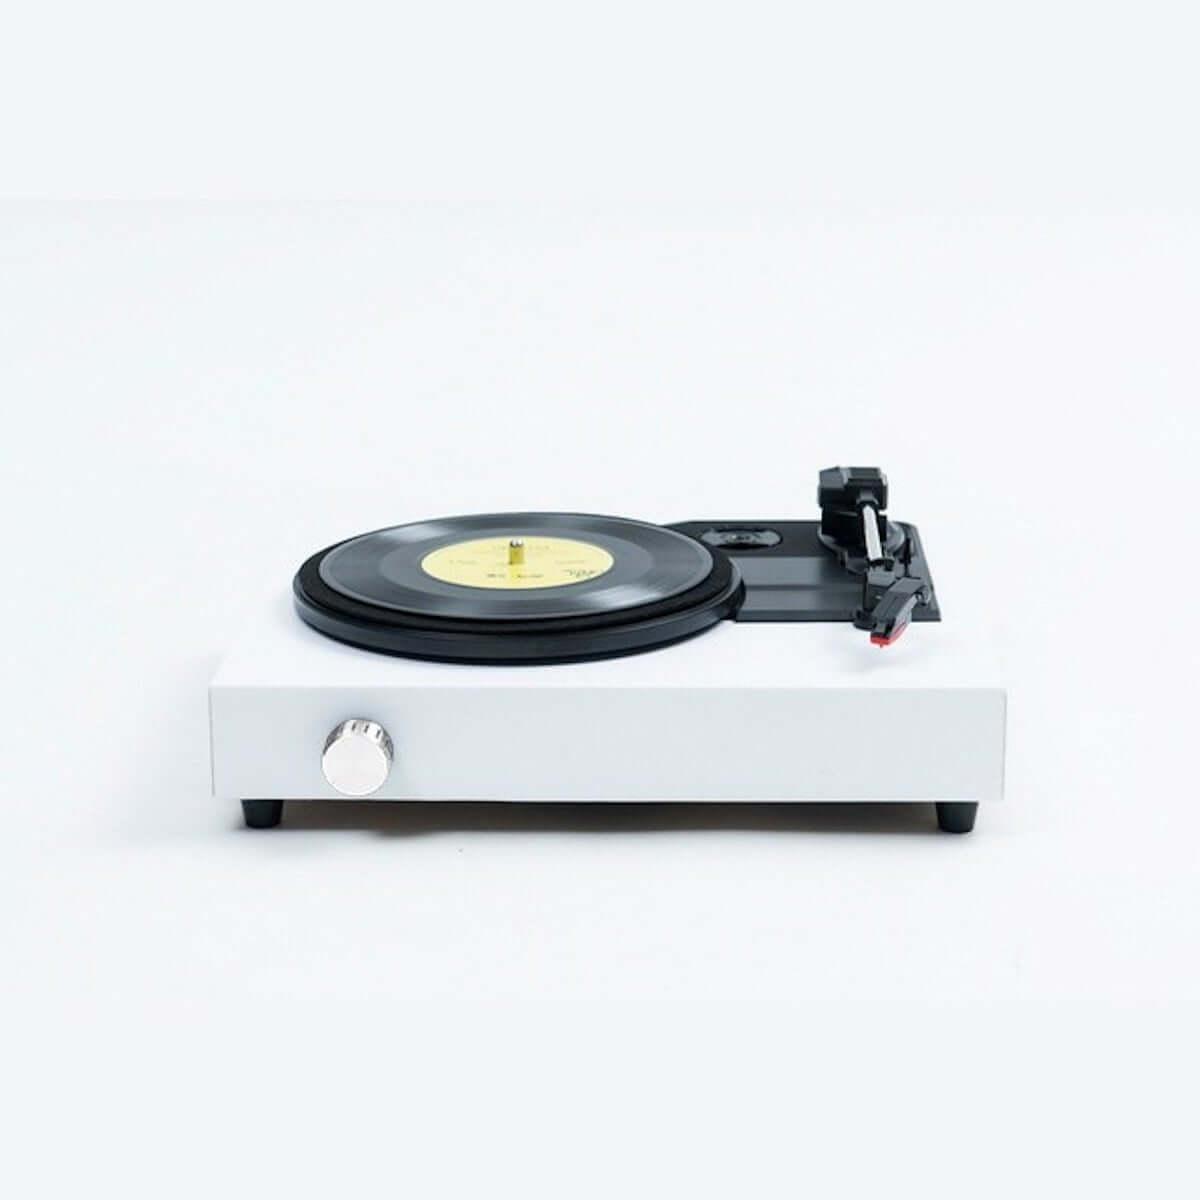 アーティストの選んだレコードが届くサービス「PERSONAL BUYER」第2弾ゲストバイヤーにコムアイ、新羅慎二(若旦那)が参加 music190308-personalbuyer-1-1200x1200